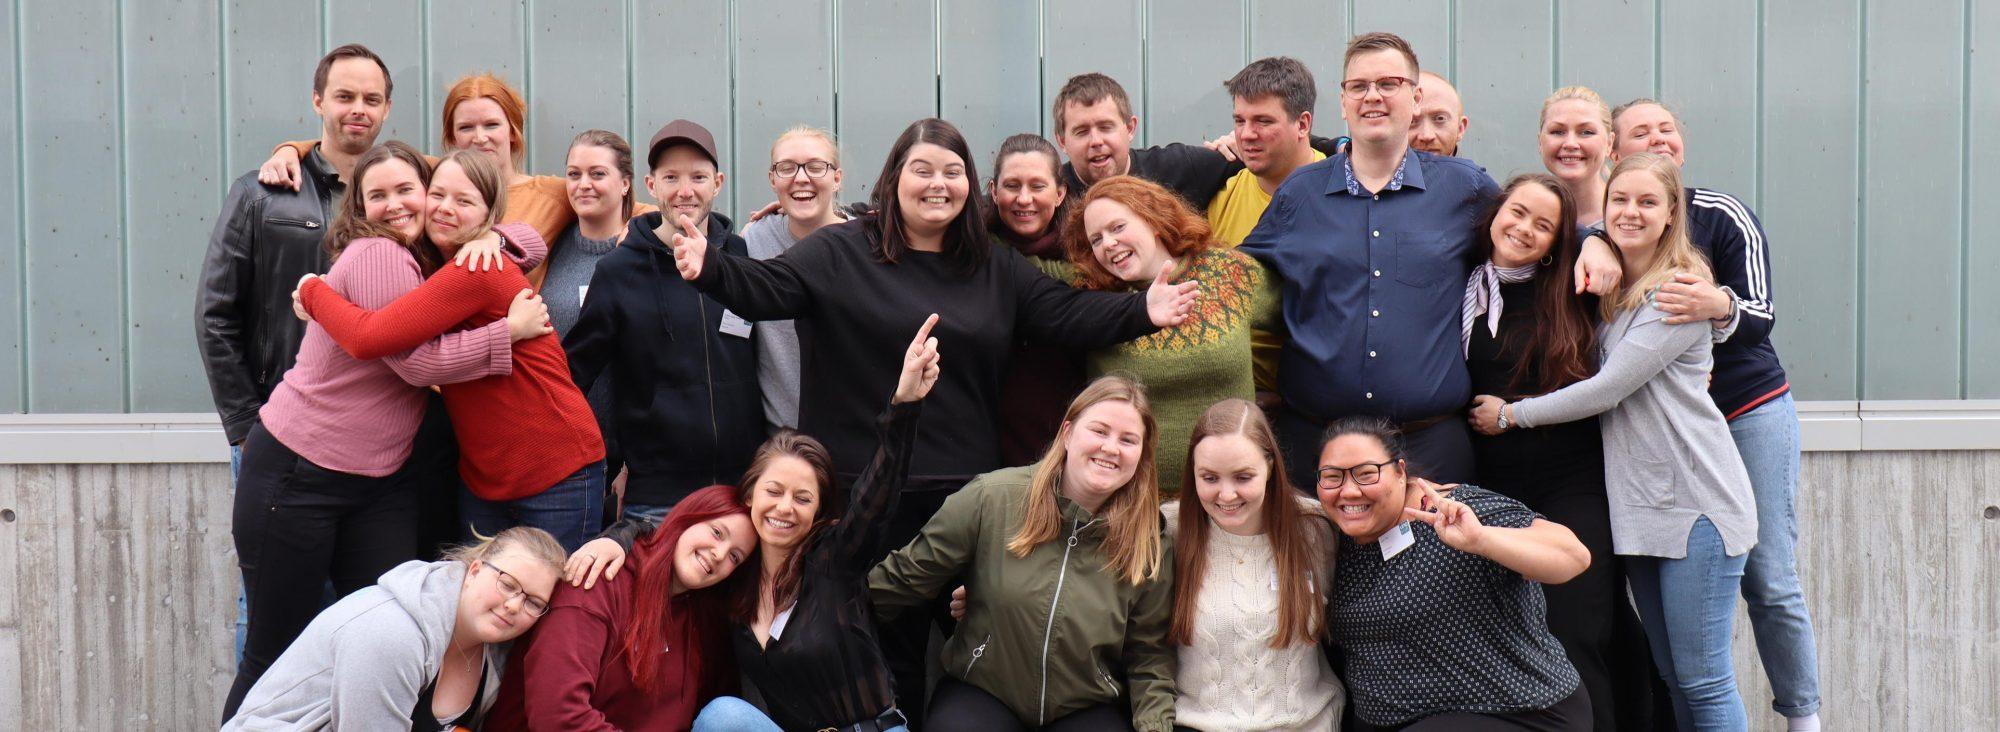 Medlemmer i Ung Kreft står samlet, holder rundt hverandre og smiler inn i kamera